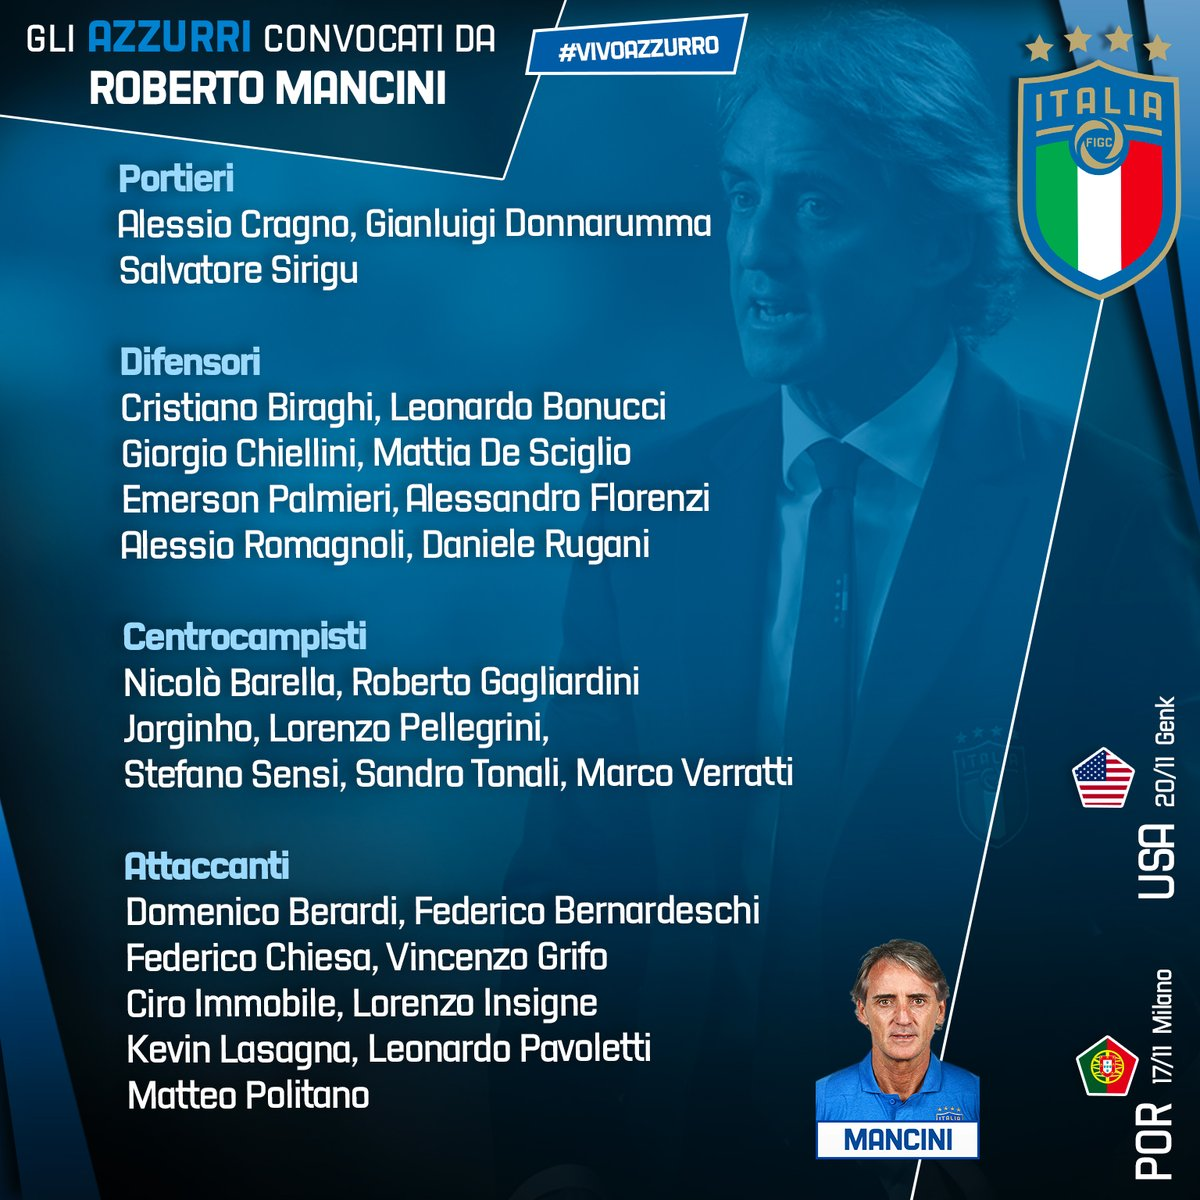 Italia, i convocati di Mancini per il Portogallo e l'amichevole con gli Usa